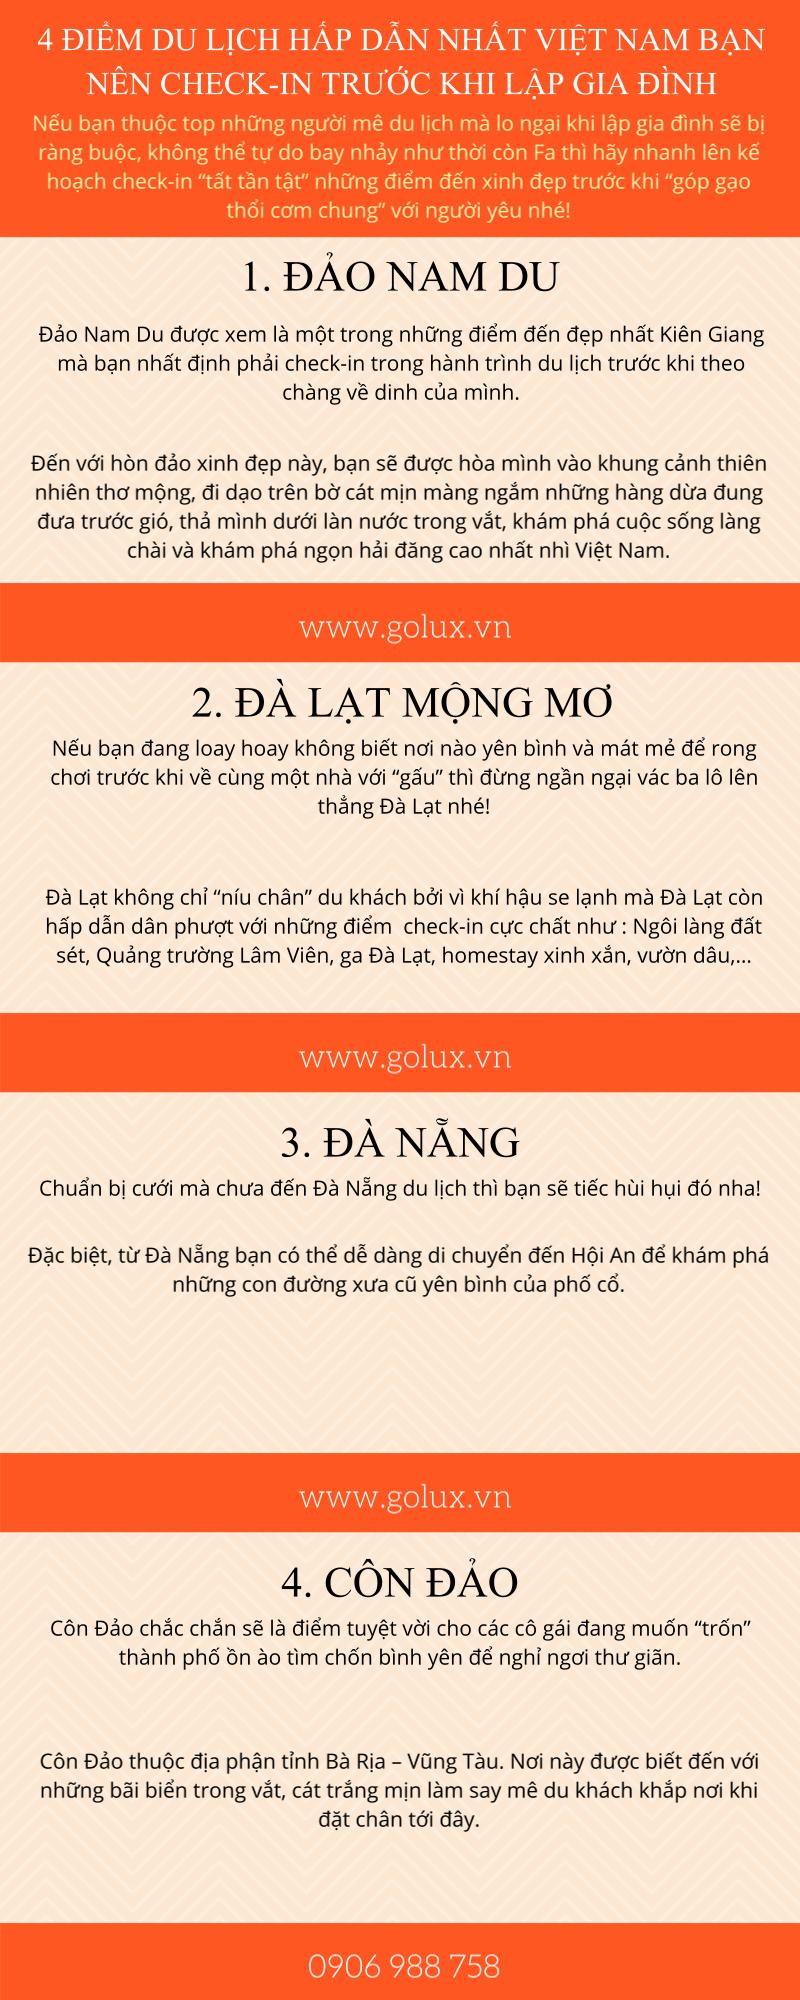 4 điểm du lịch hấp dẫn nhất Việt Nam bạn nên check-in trước khi lập gia đình